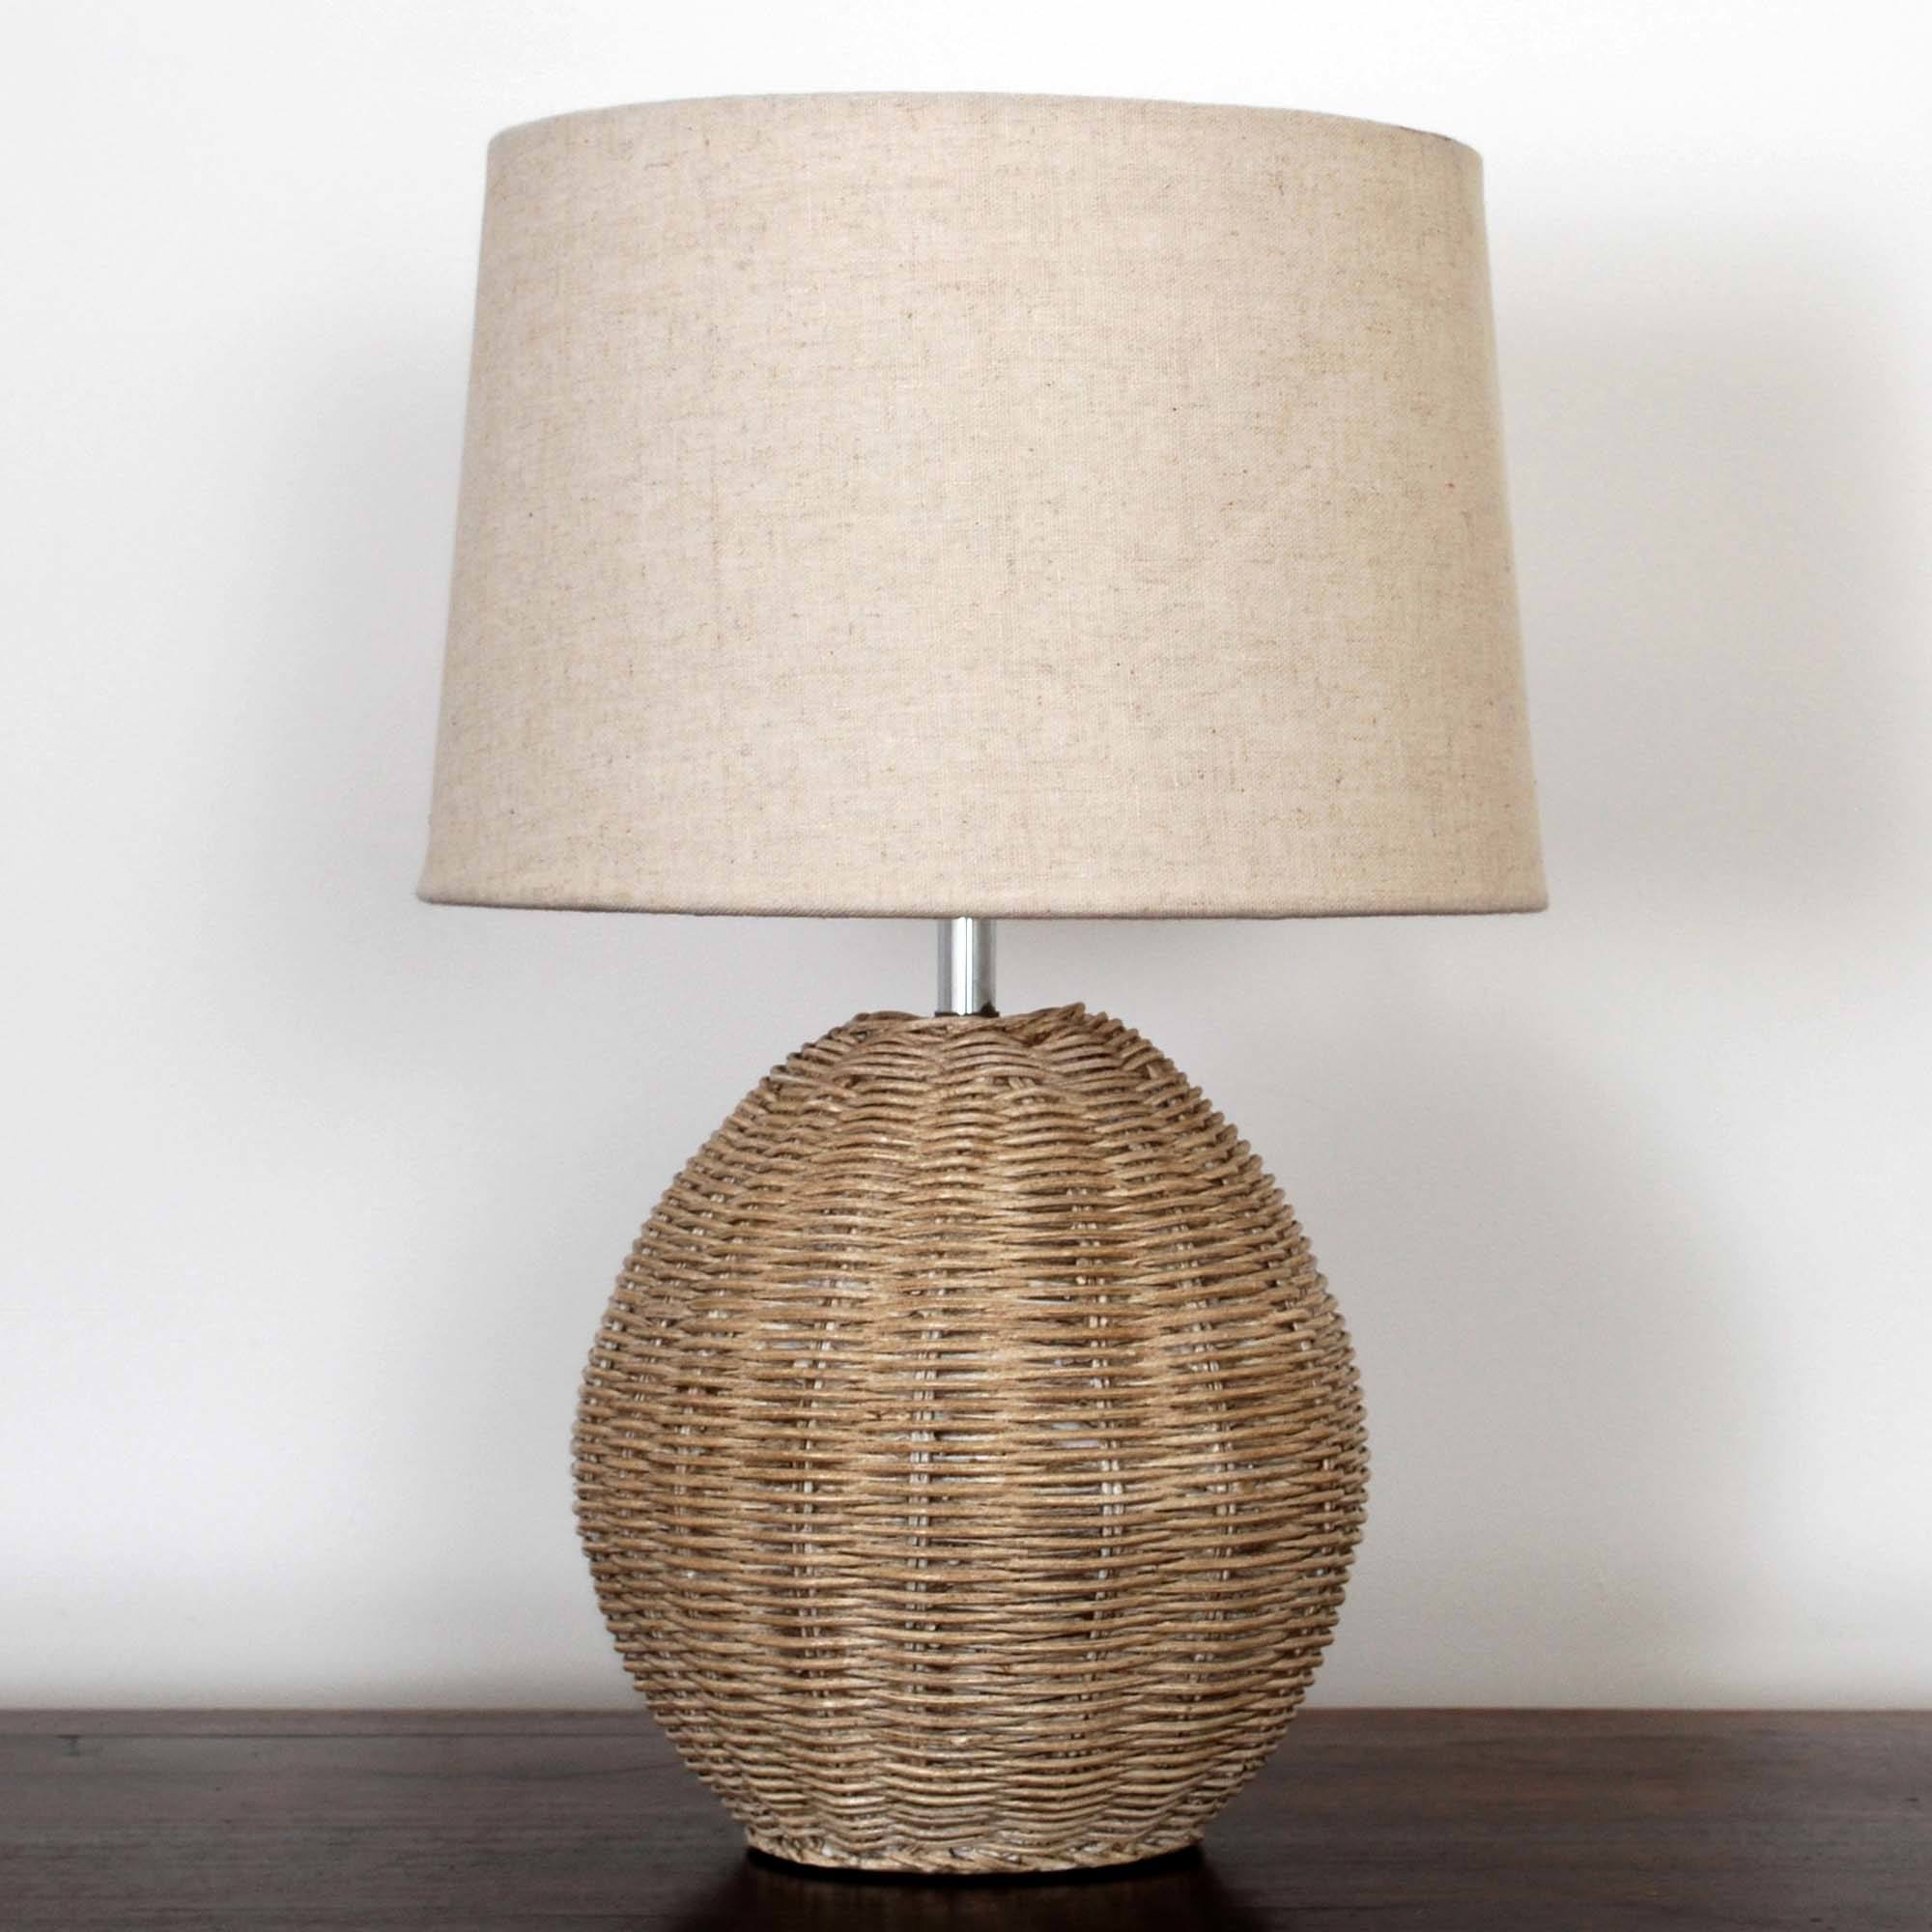 Ali Rattan Table Lamp Light Brown / Natural